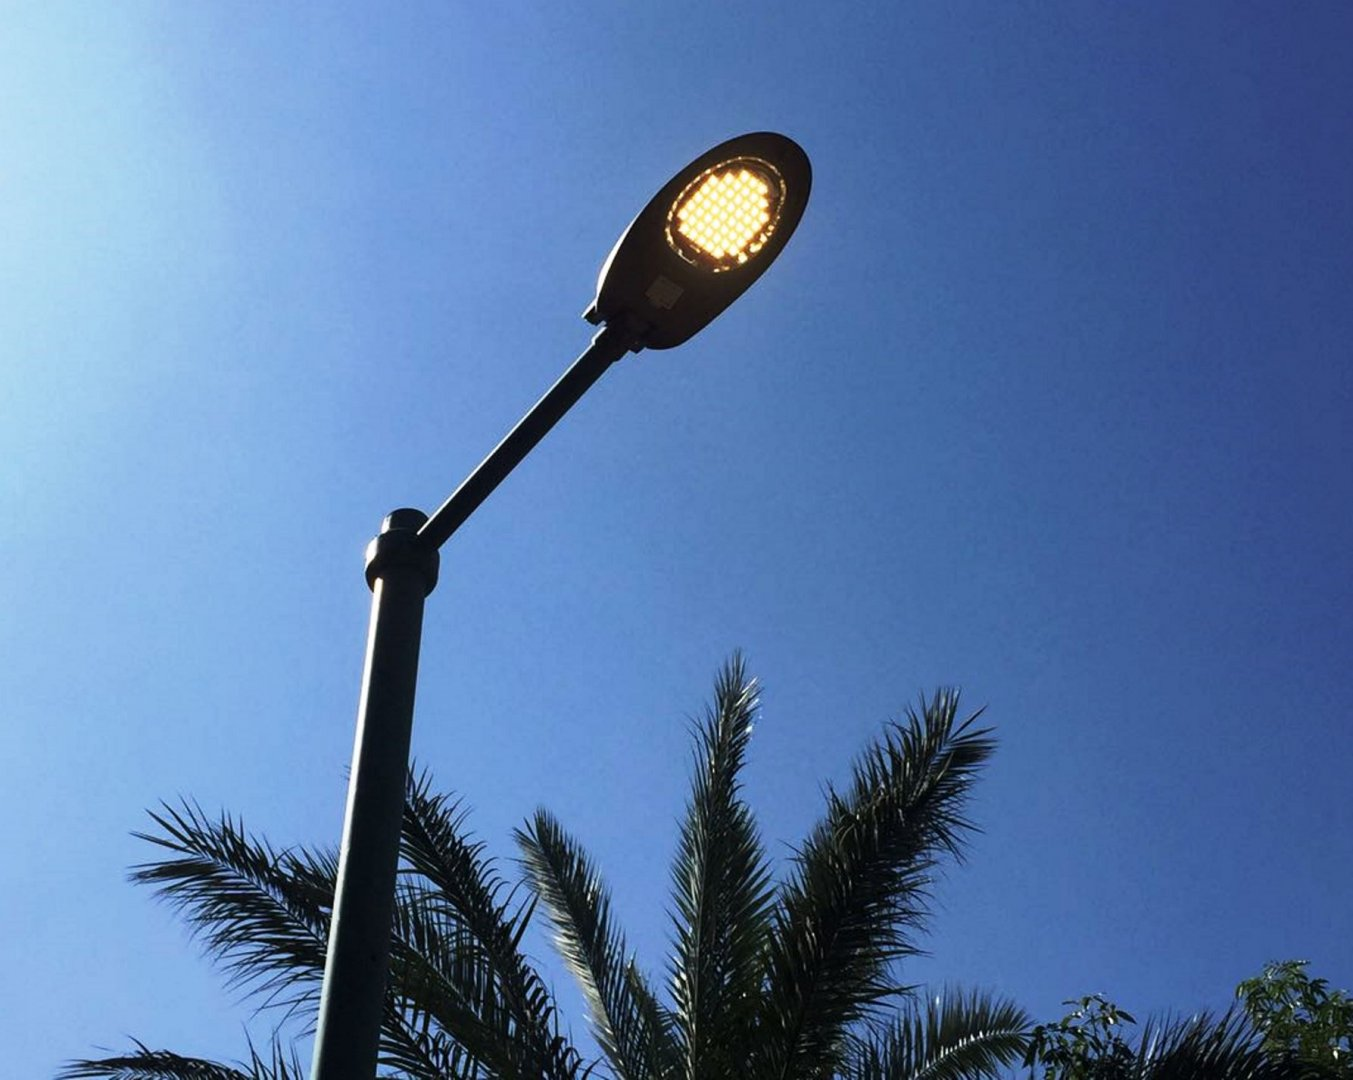 תאורה חדשה בגלבוע.jpg2